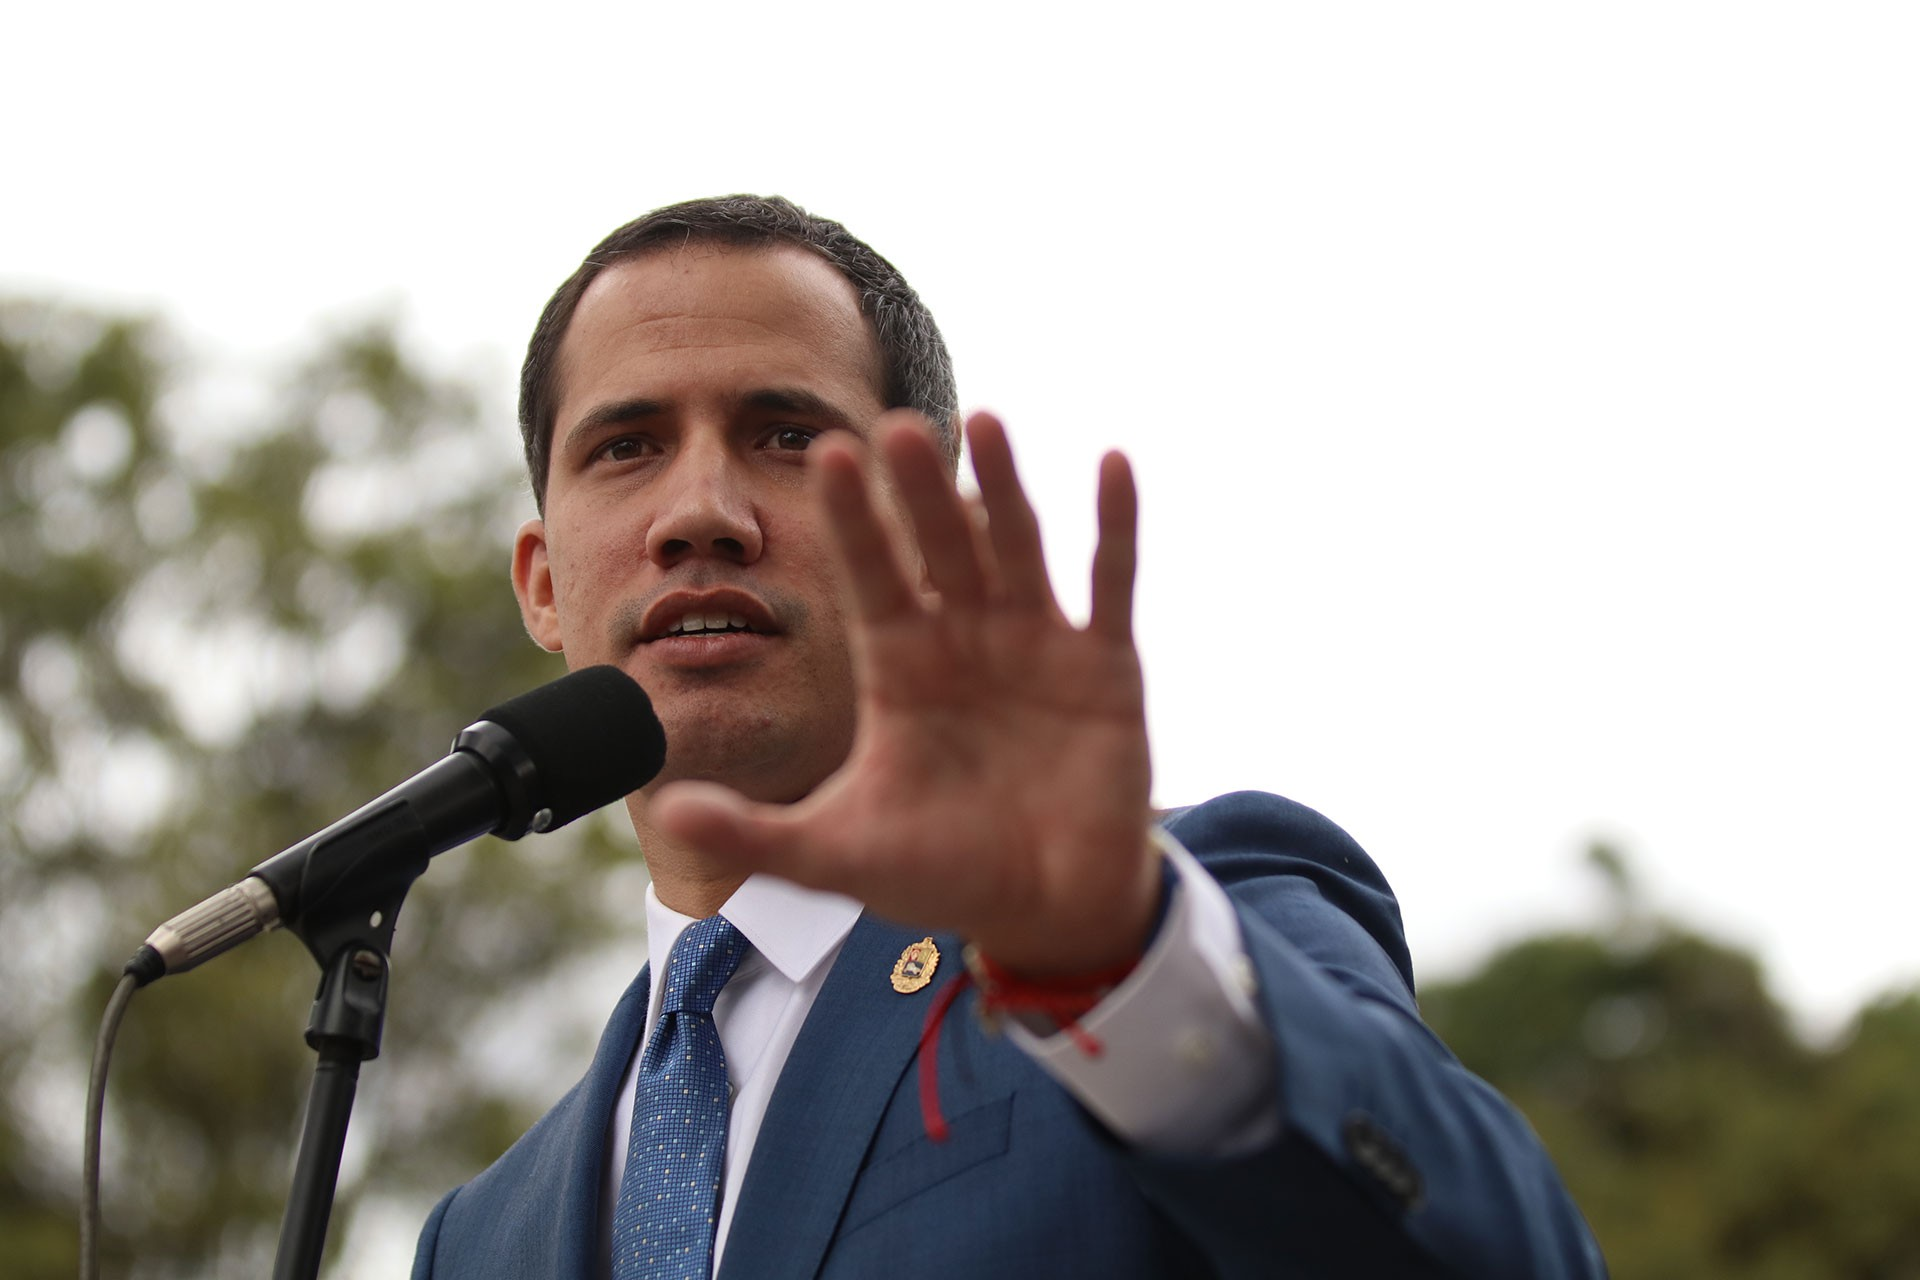 Juan Guaido gazetecilere açıklama yapıyor. Elini hayır anlamına gelecek şekilde kaldırmış.